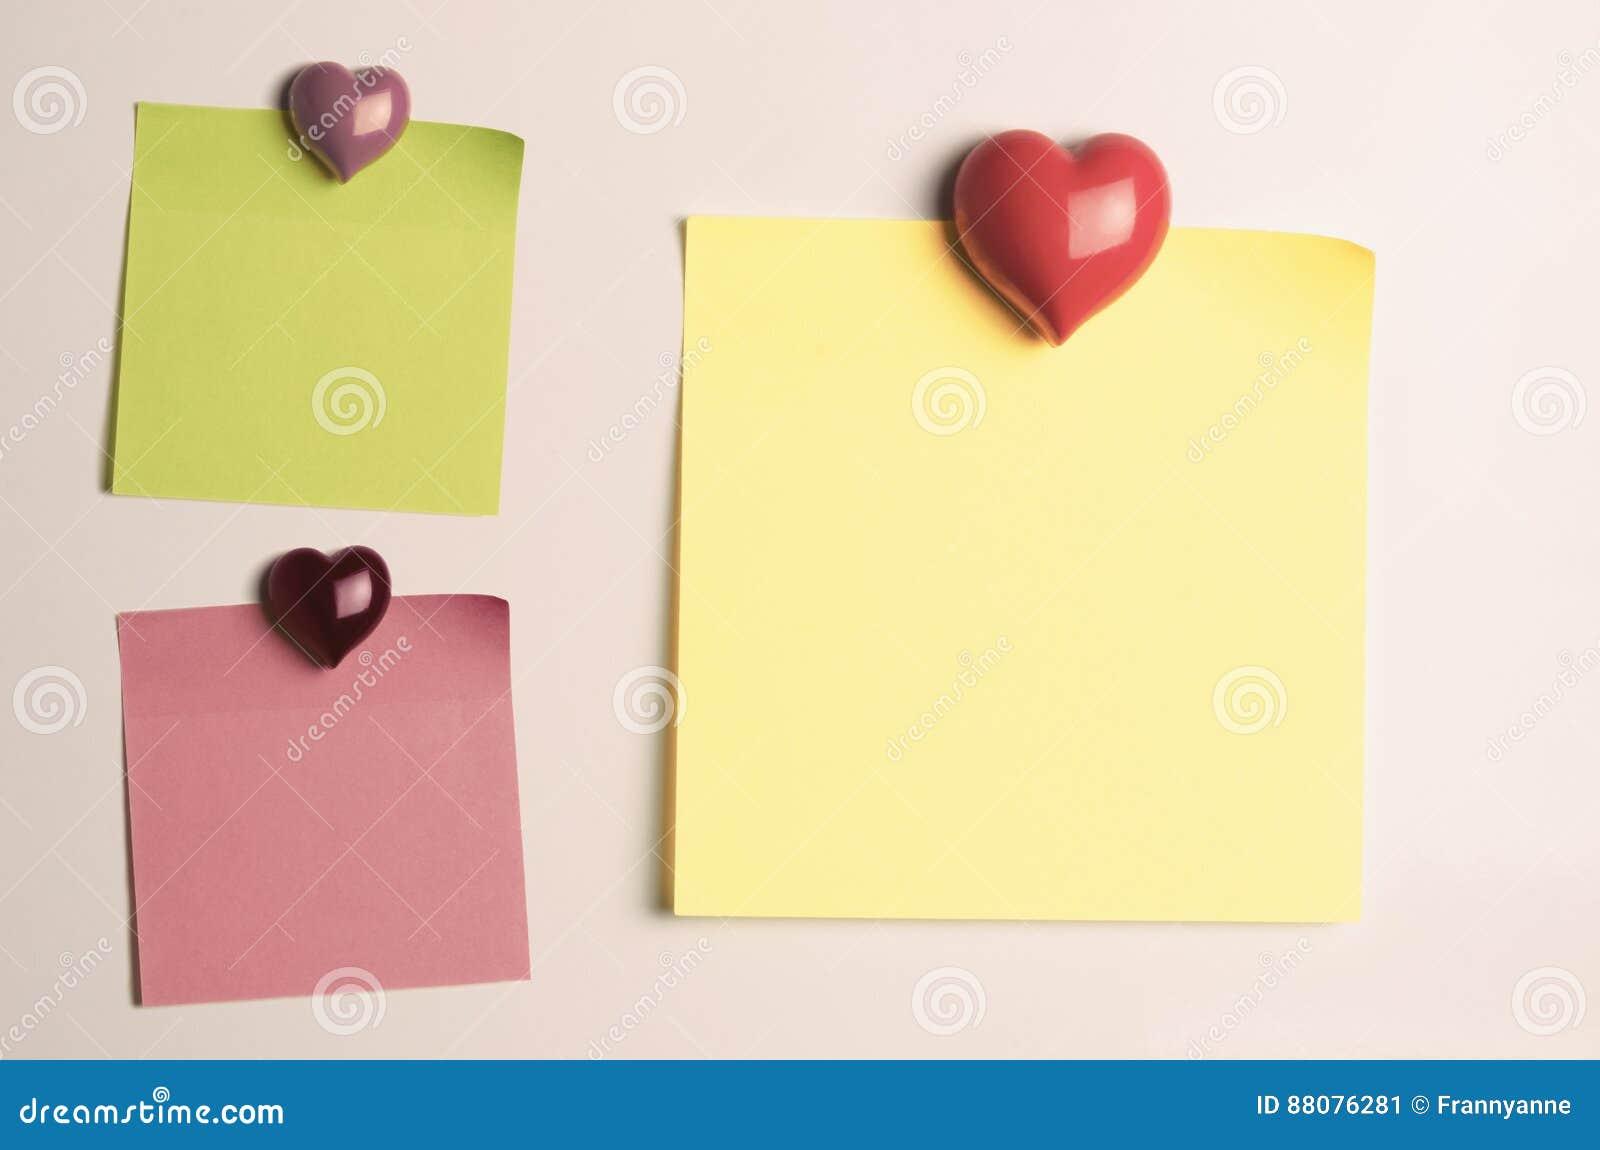 Kühlschrank Einkaufsliste Magnet : Kühlschrank einkaufsliste magnet: einkaufsliste etsy. einkaufsliste